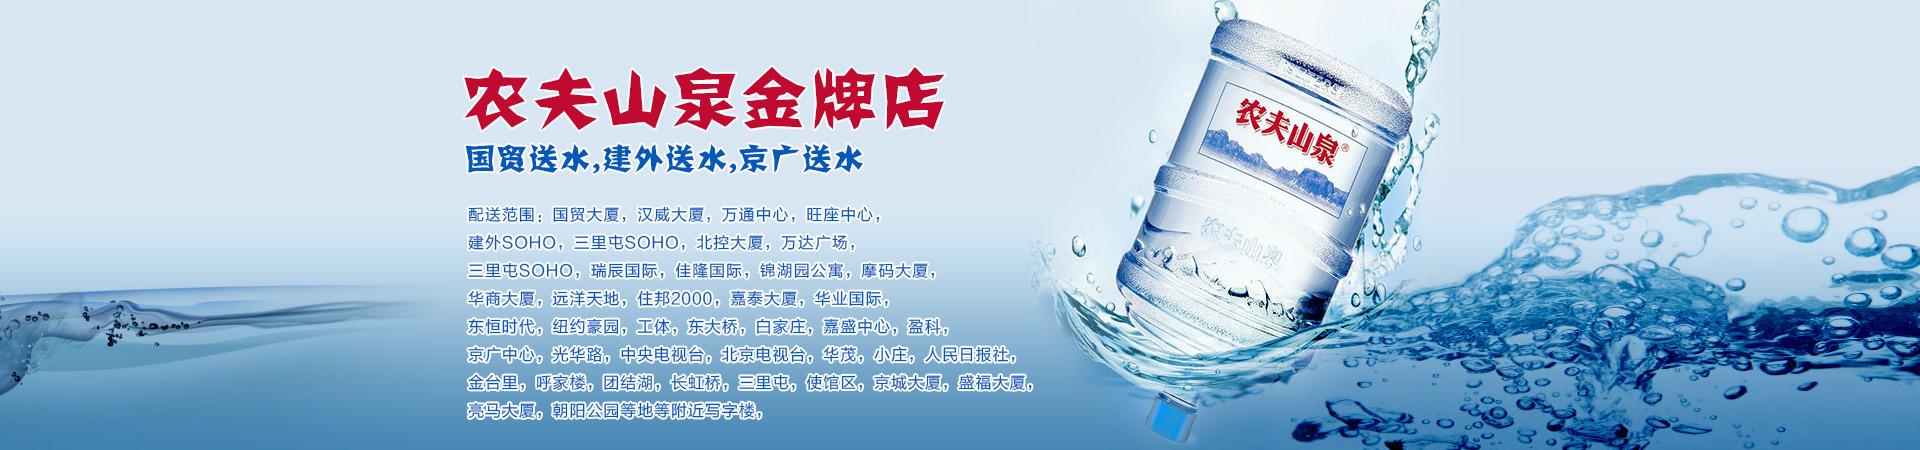 北京朝阳区送水公司农夫山泉桶装水金牌水站